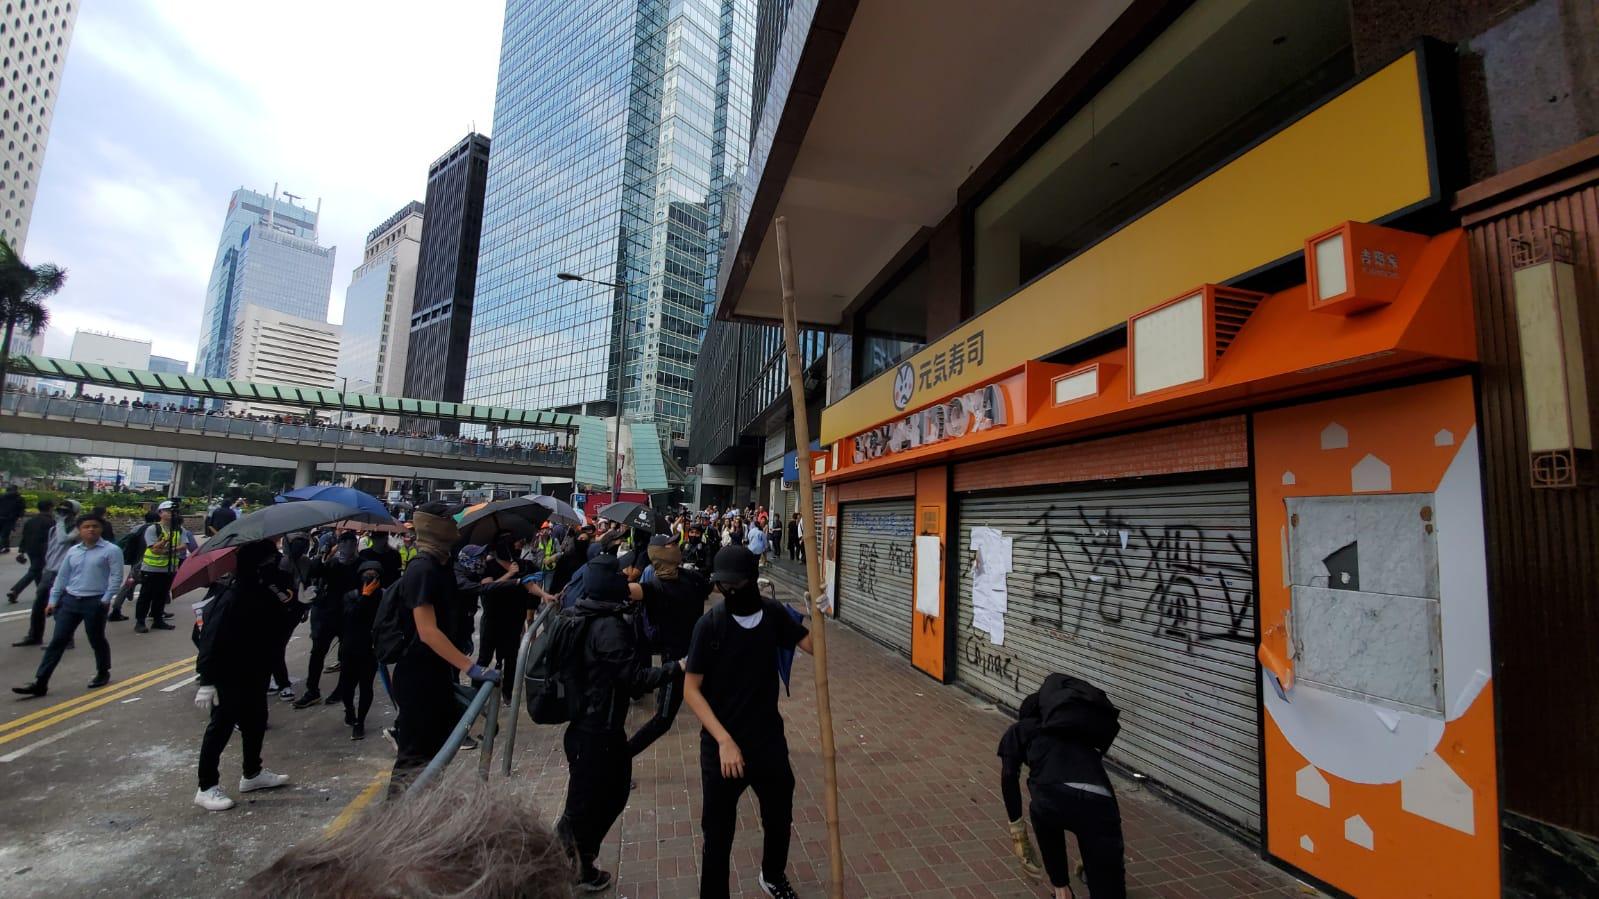 【大三罷】黑衣人中環堵路破壞「元氣壽司」 警一度舉橙旗警告